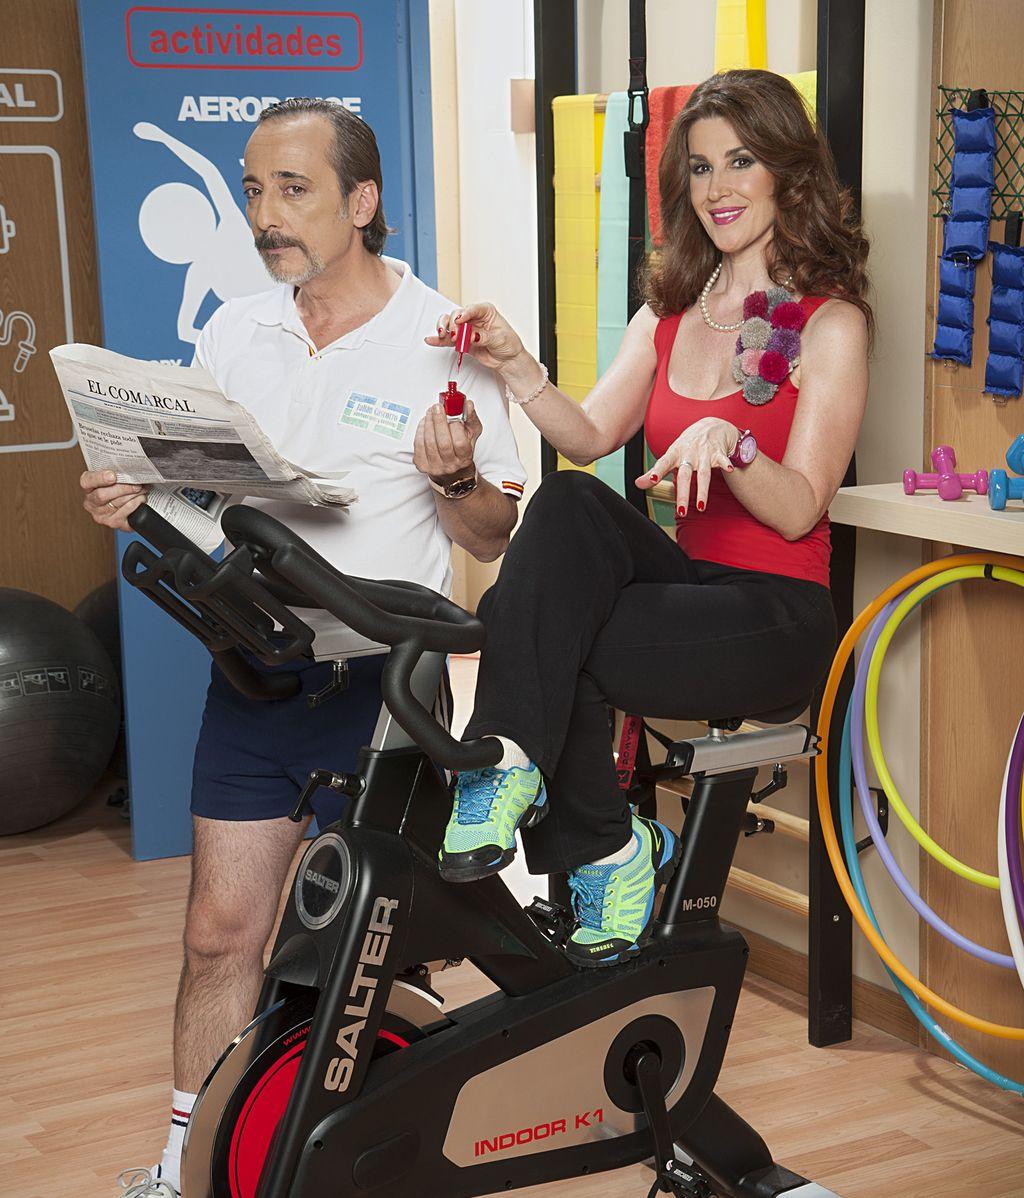 Javier Coll (Julián) y Mar Abascal (Pilar), en 'Gym Tony L.C.'